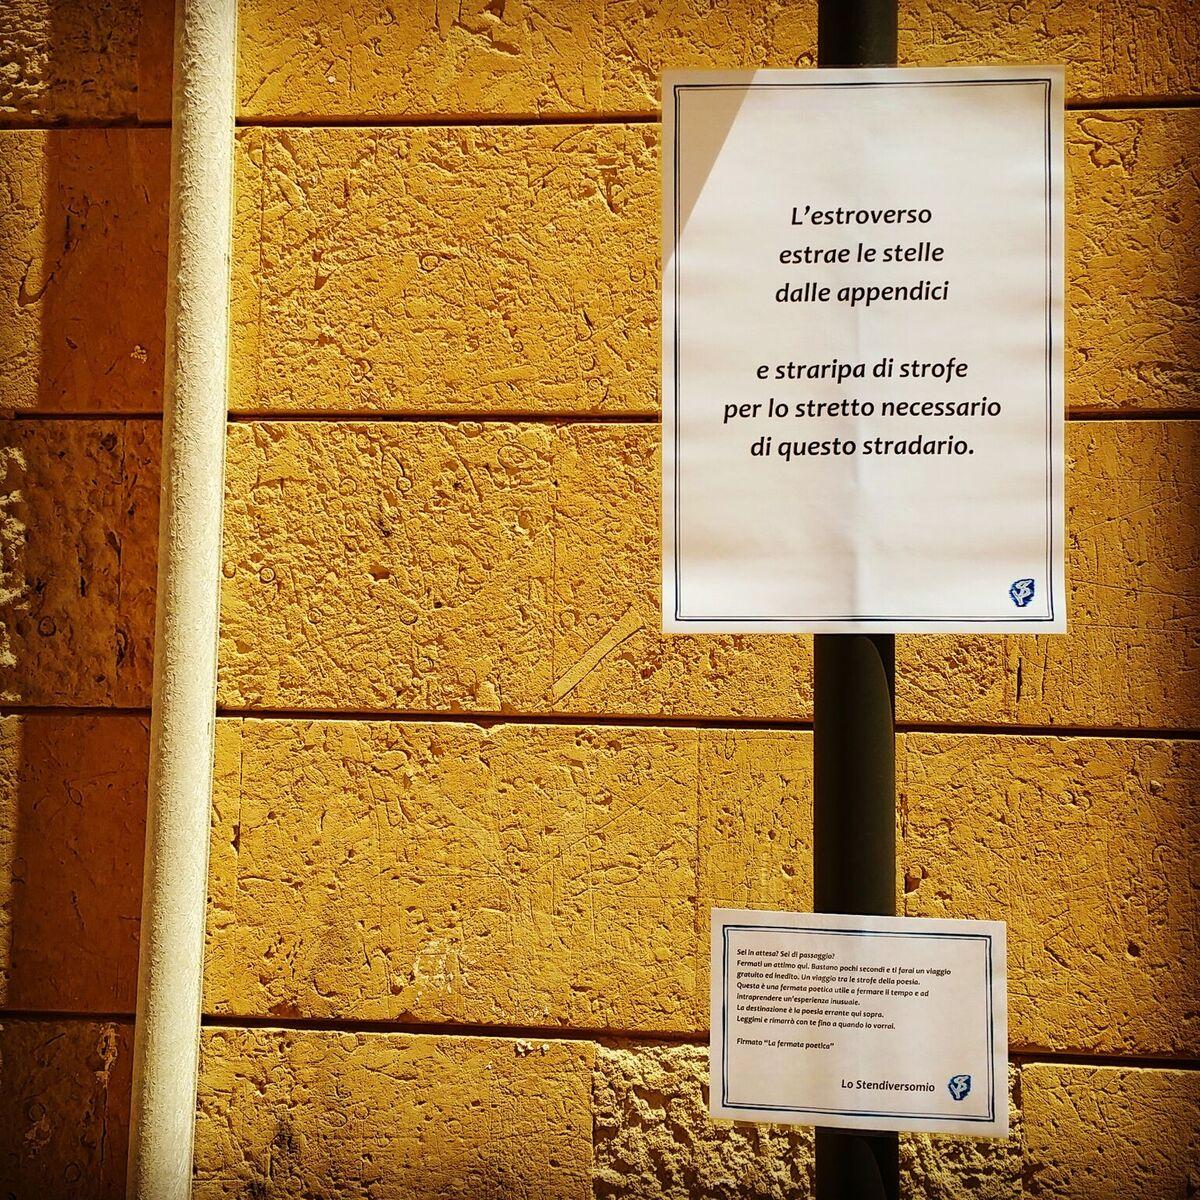 L'estroverso Otranto